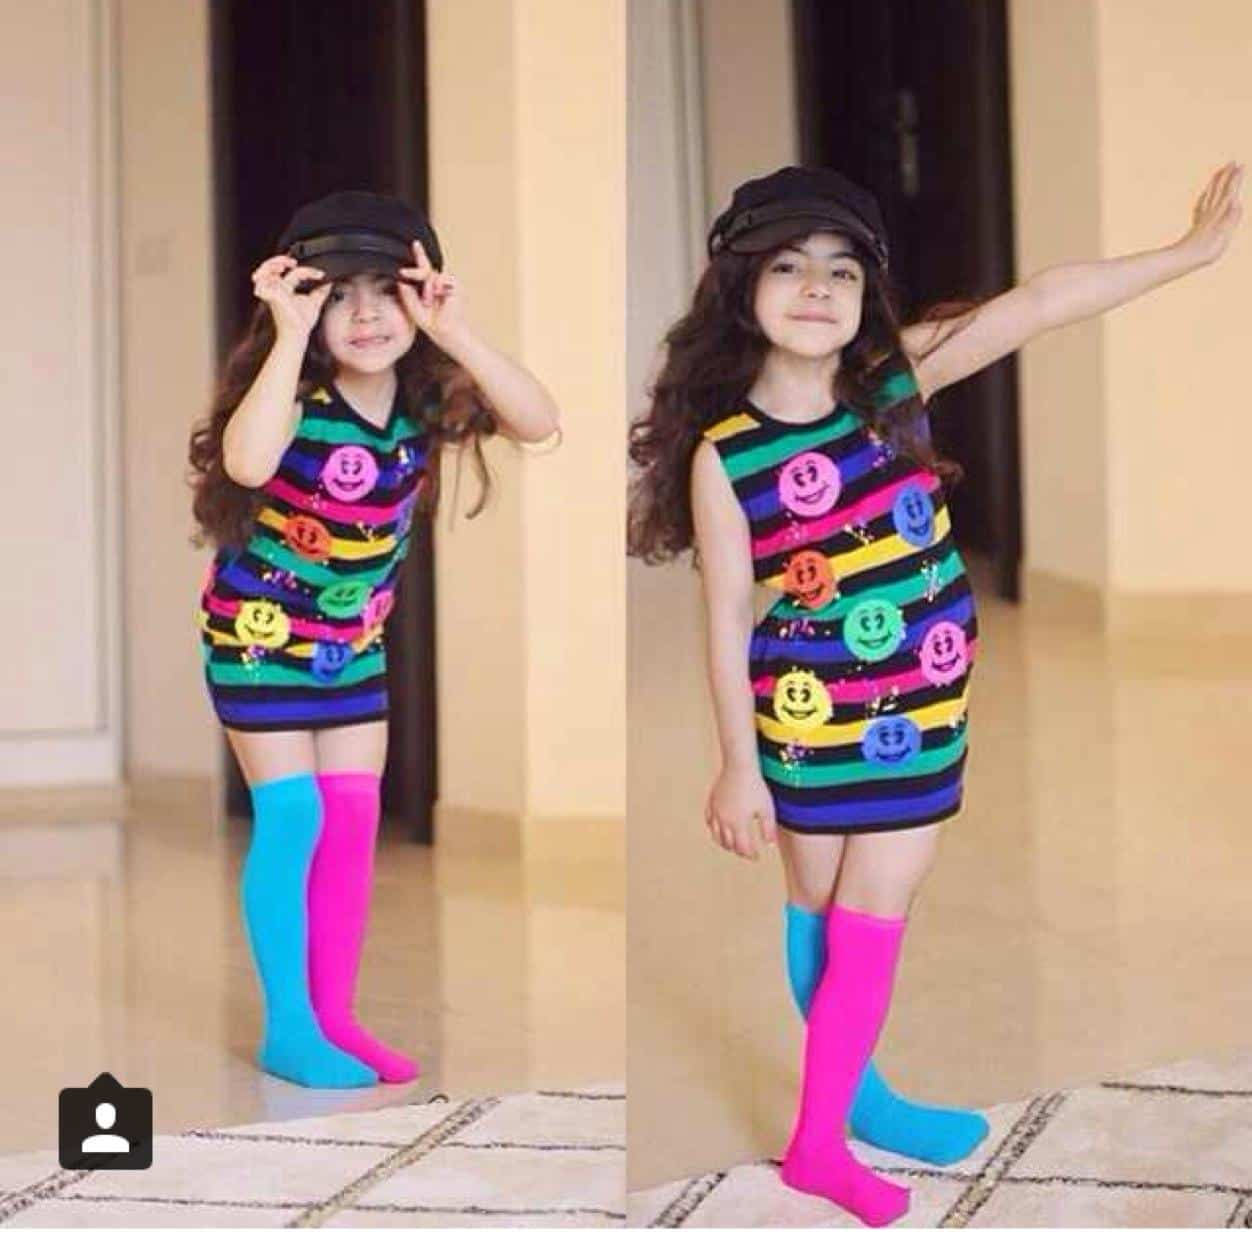 صور مميزة لأجدد موديلات ملابس العيد للاطفال جديدة